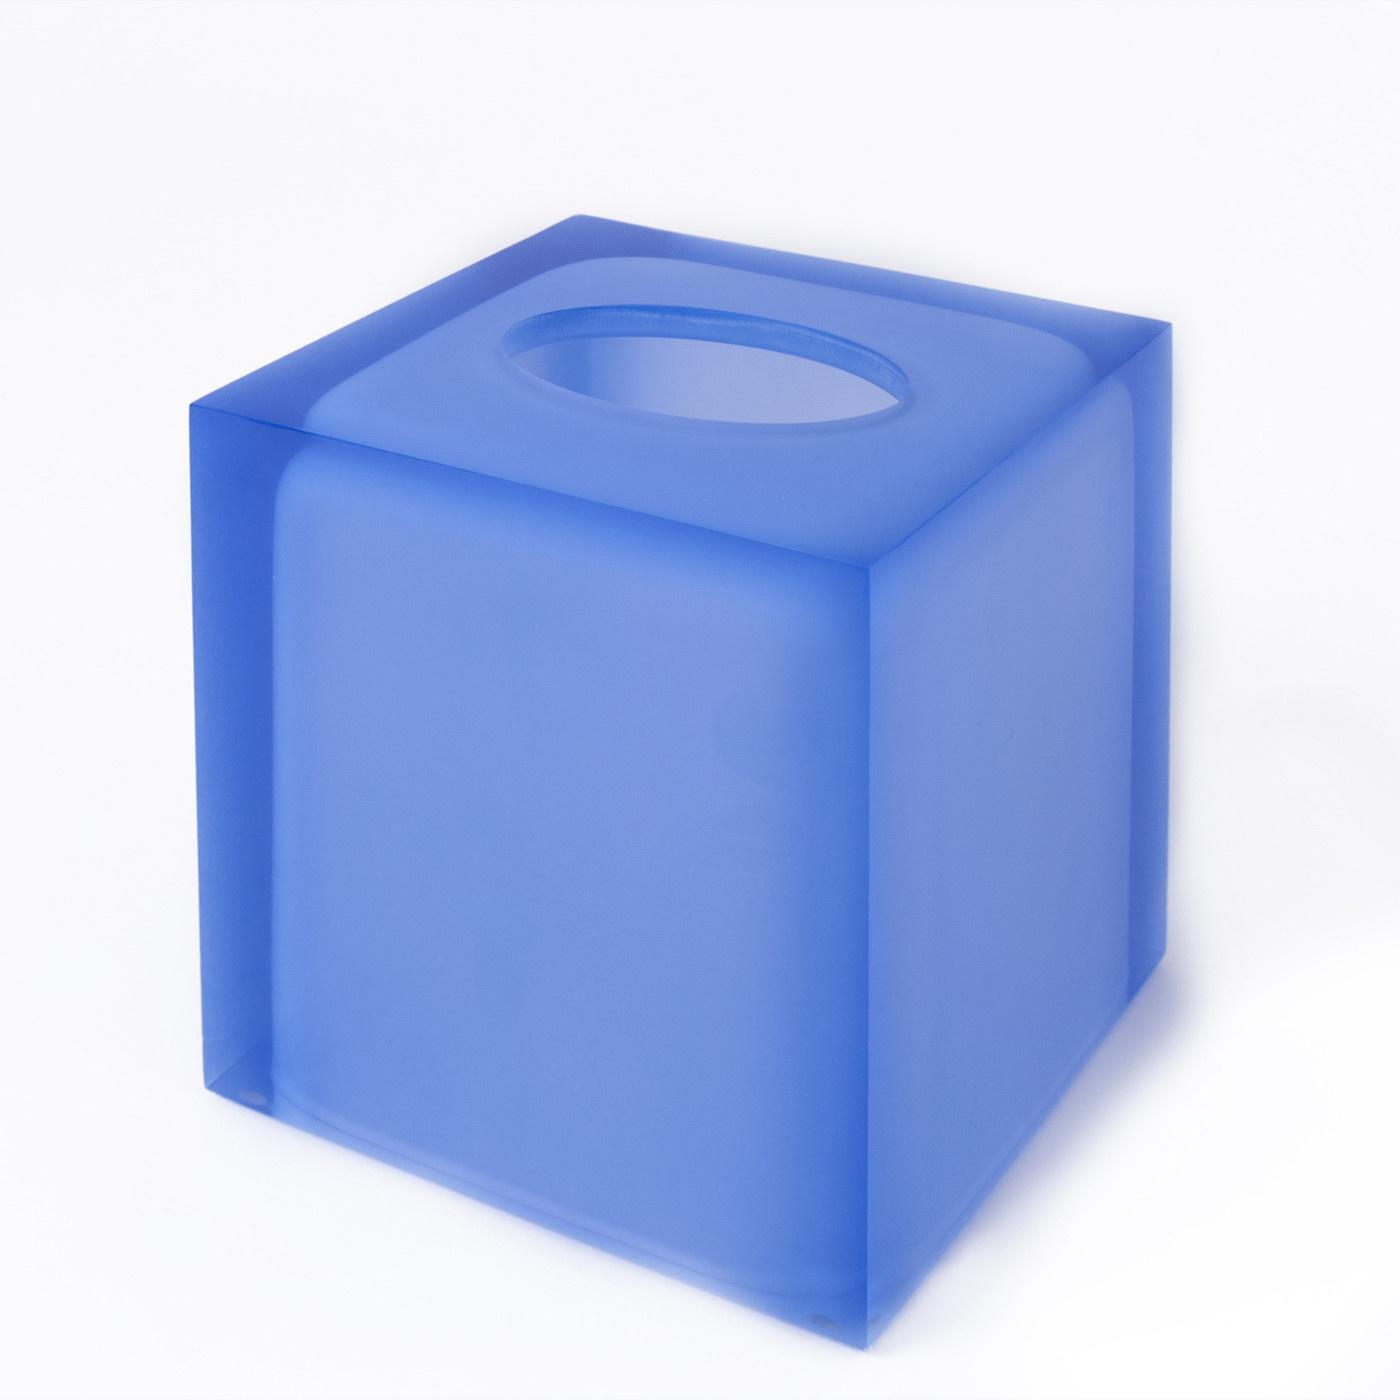 Jonathan Adler Jonathan Adler Hollywood Tissue Box| Blue